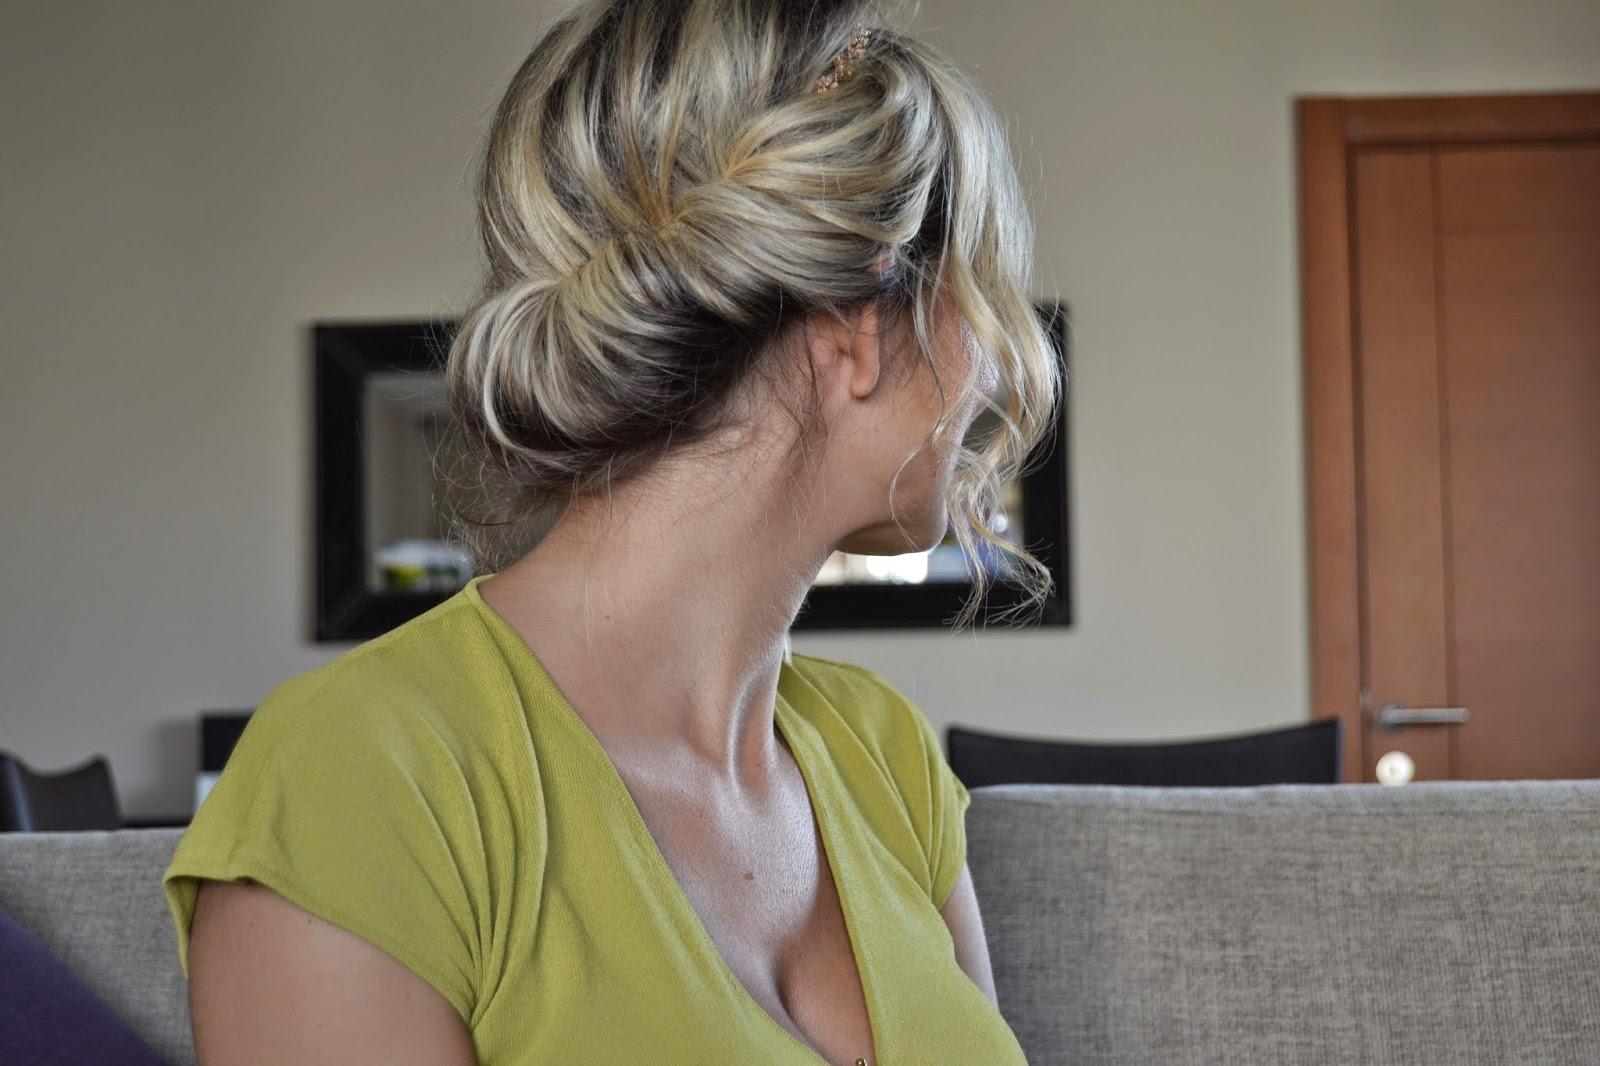 kolay topuz modeli - saç modeli - saç bakımı - güzellik bloğu - makyaj bloğu - turkish blogger - değişik saç modelleri - kozmetik bloğu - avon krepe tarağı - topuz